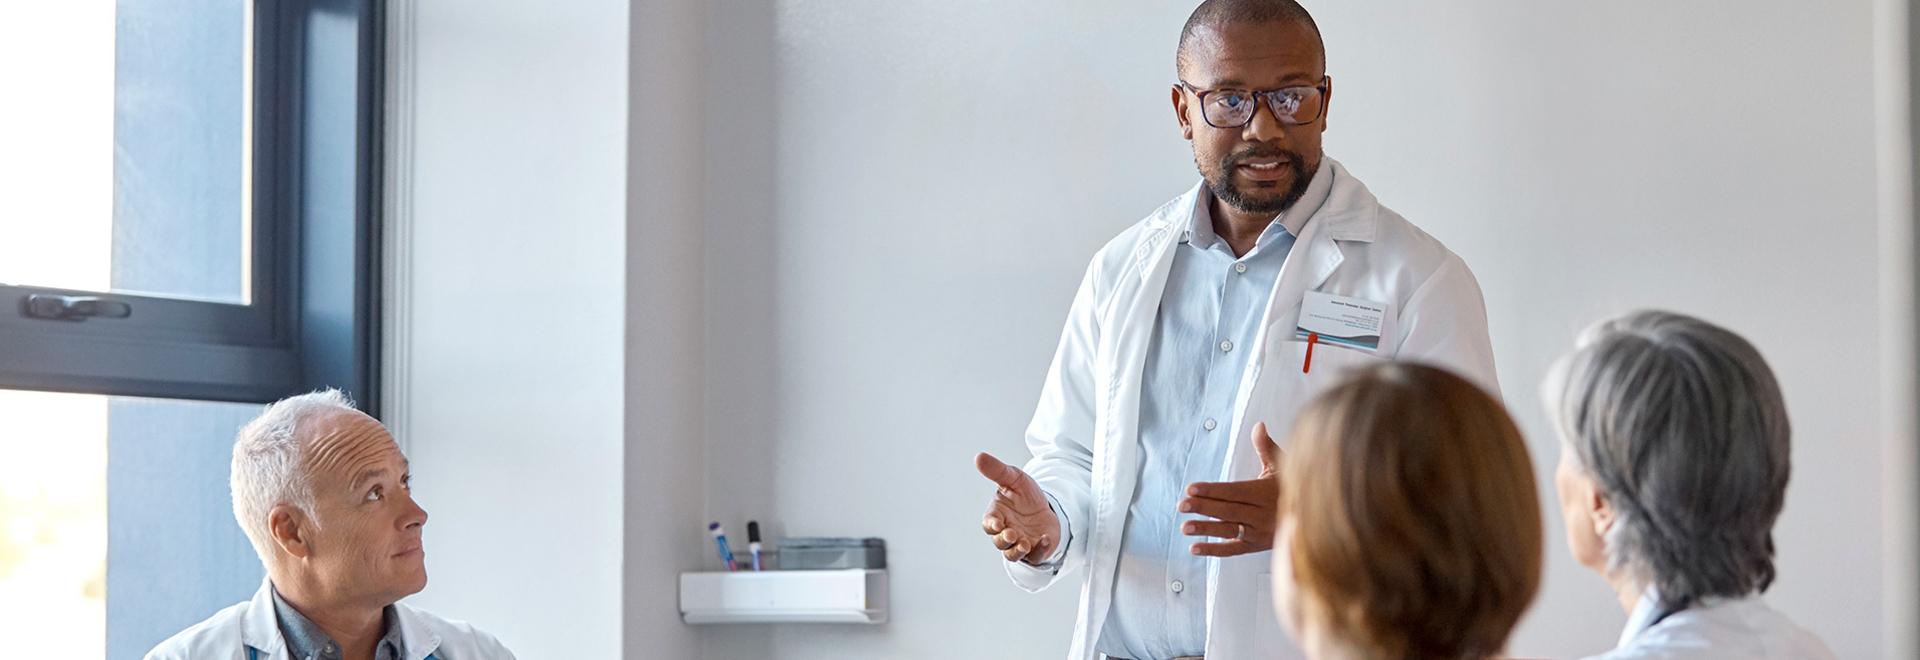 Incontra 10 persone di colore che oggi sconvolgono il settore sanitario digitale